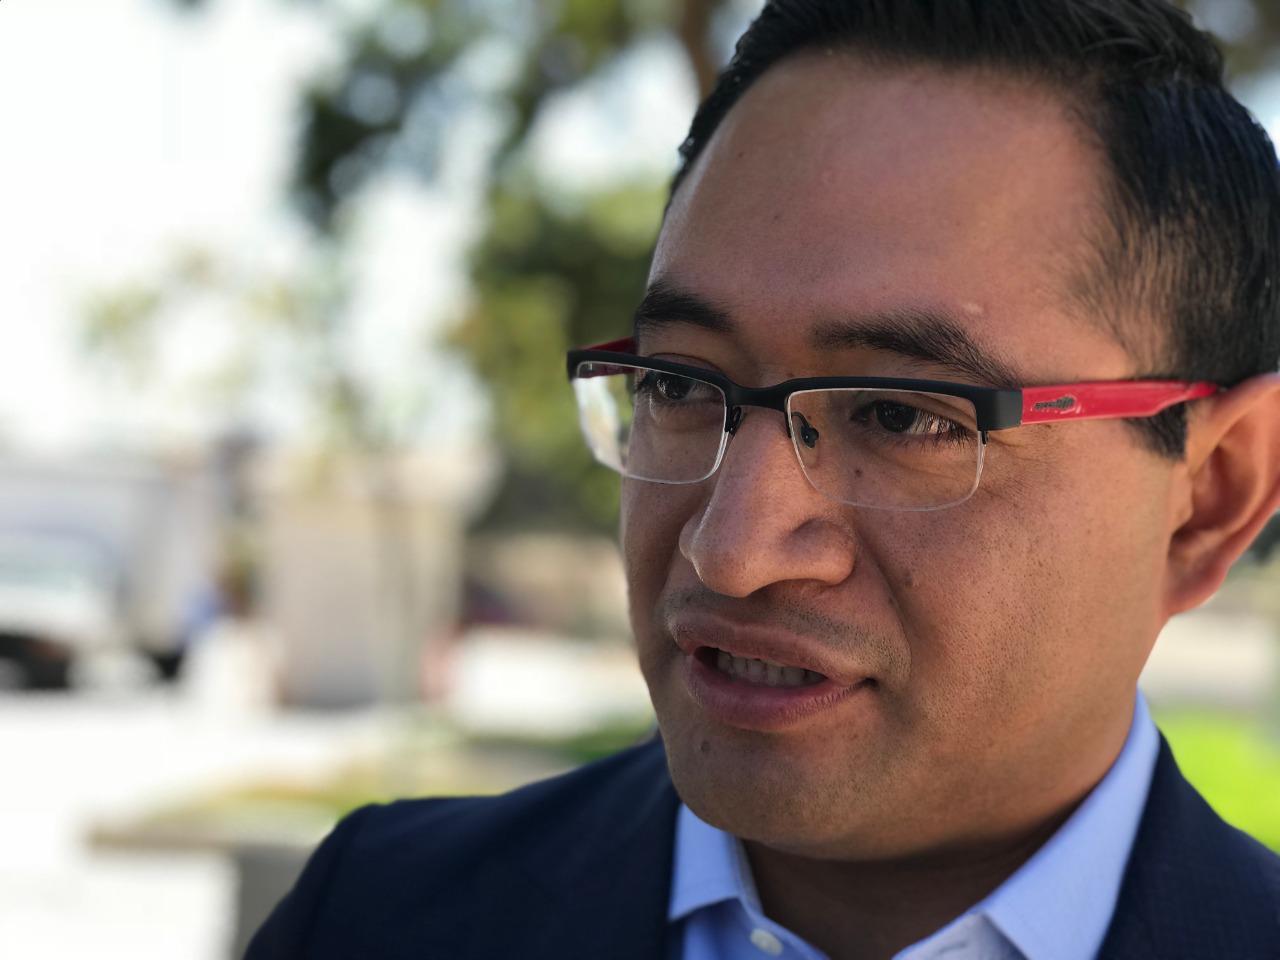 Sólo Julían Leyzaola es considerado para la candidatura de Tijuana: PES